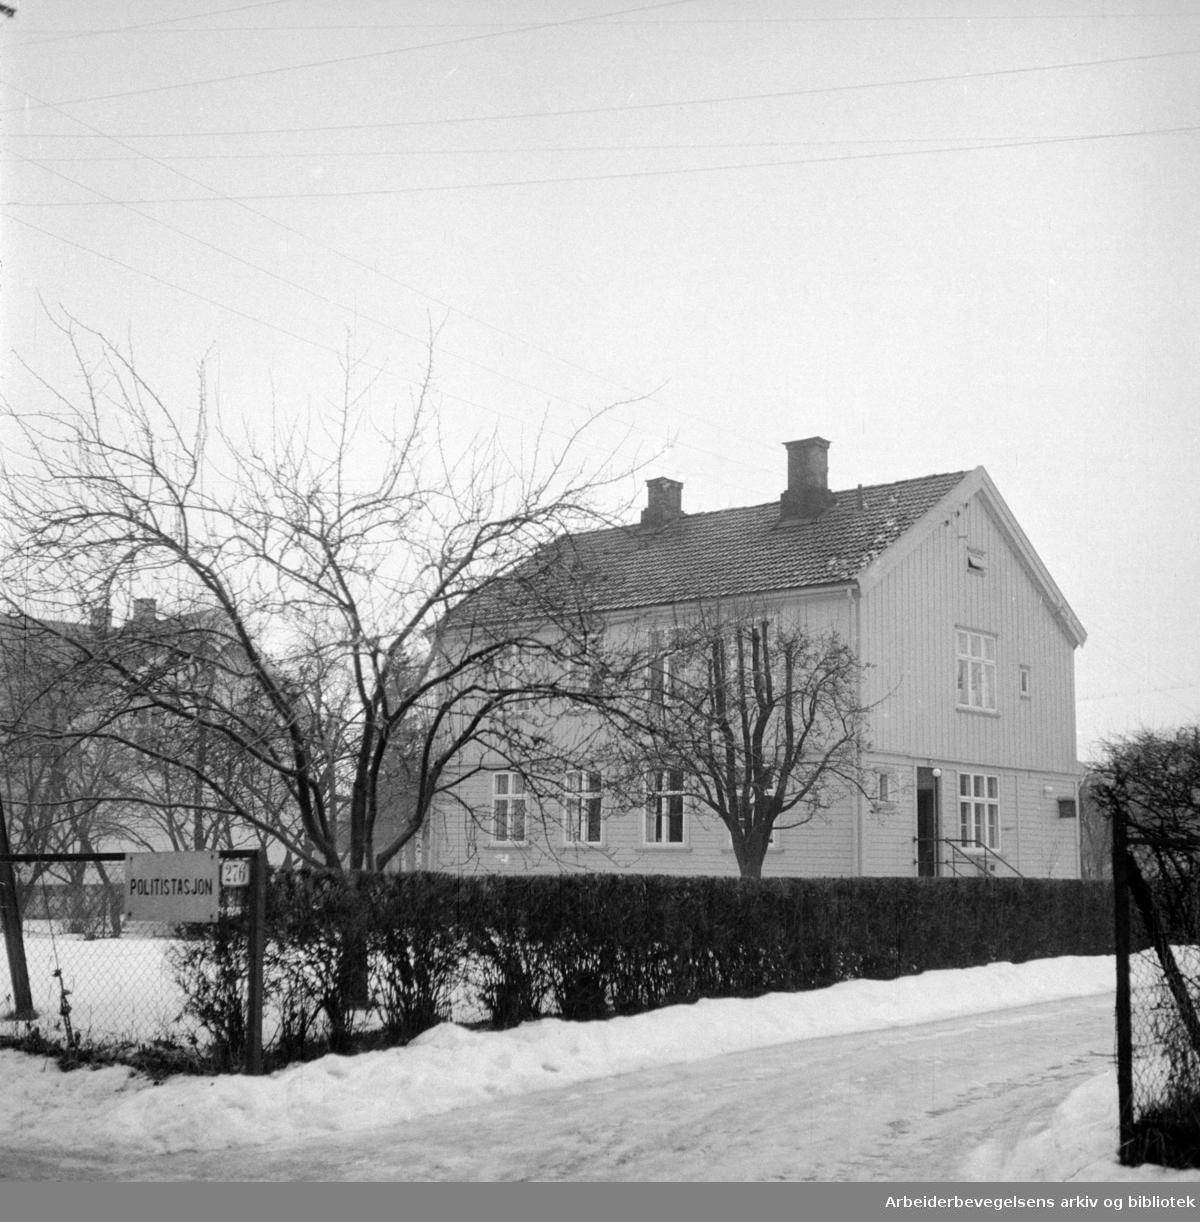 Nydalen Politistasjon i Maridalsveien 276. Januar 1957